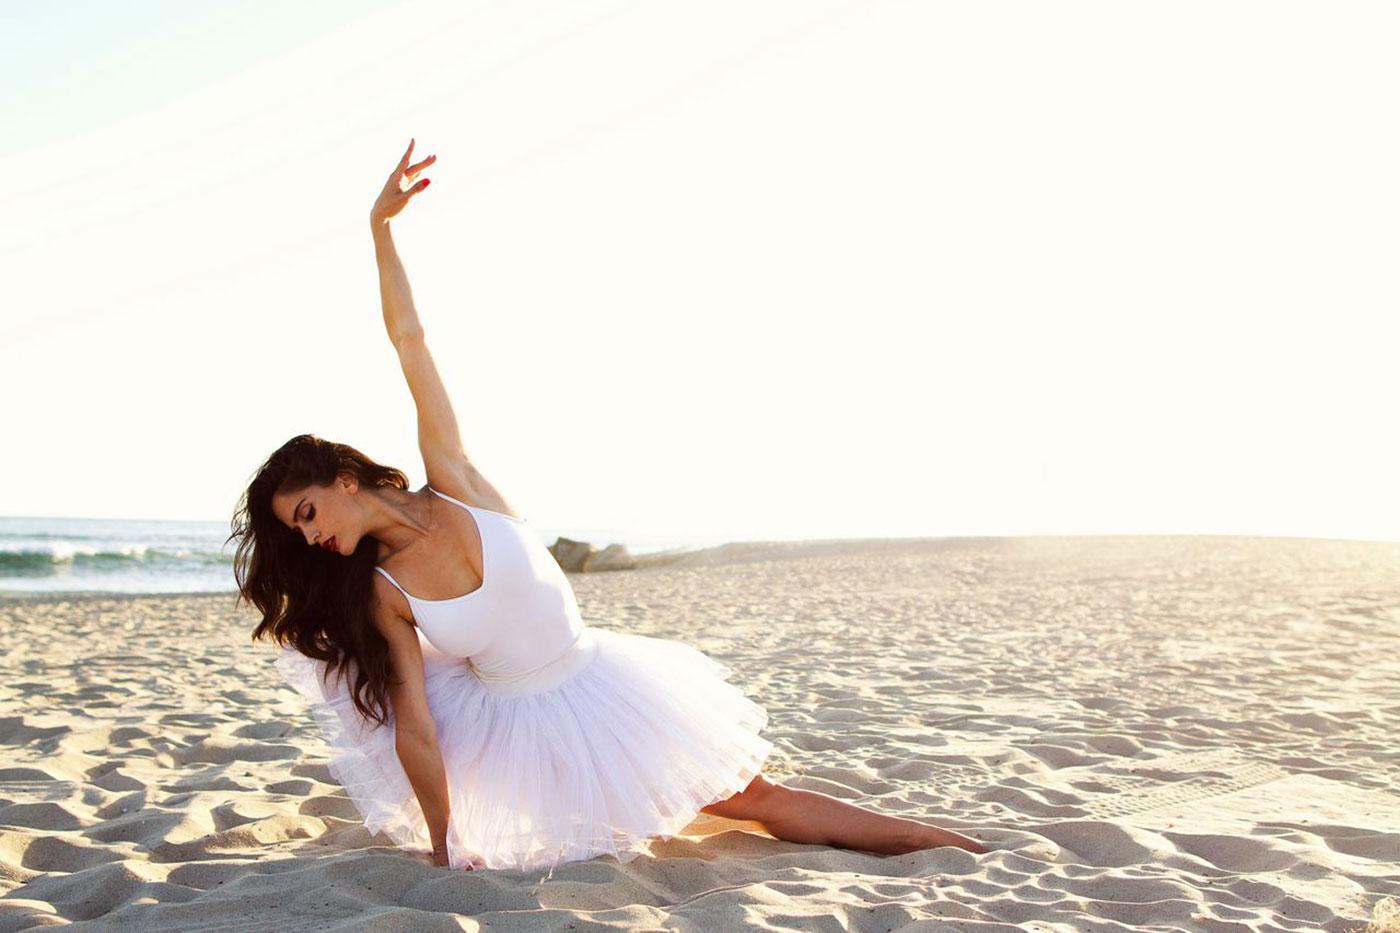 Brand Model And Talent Natalia Barulich Women